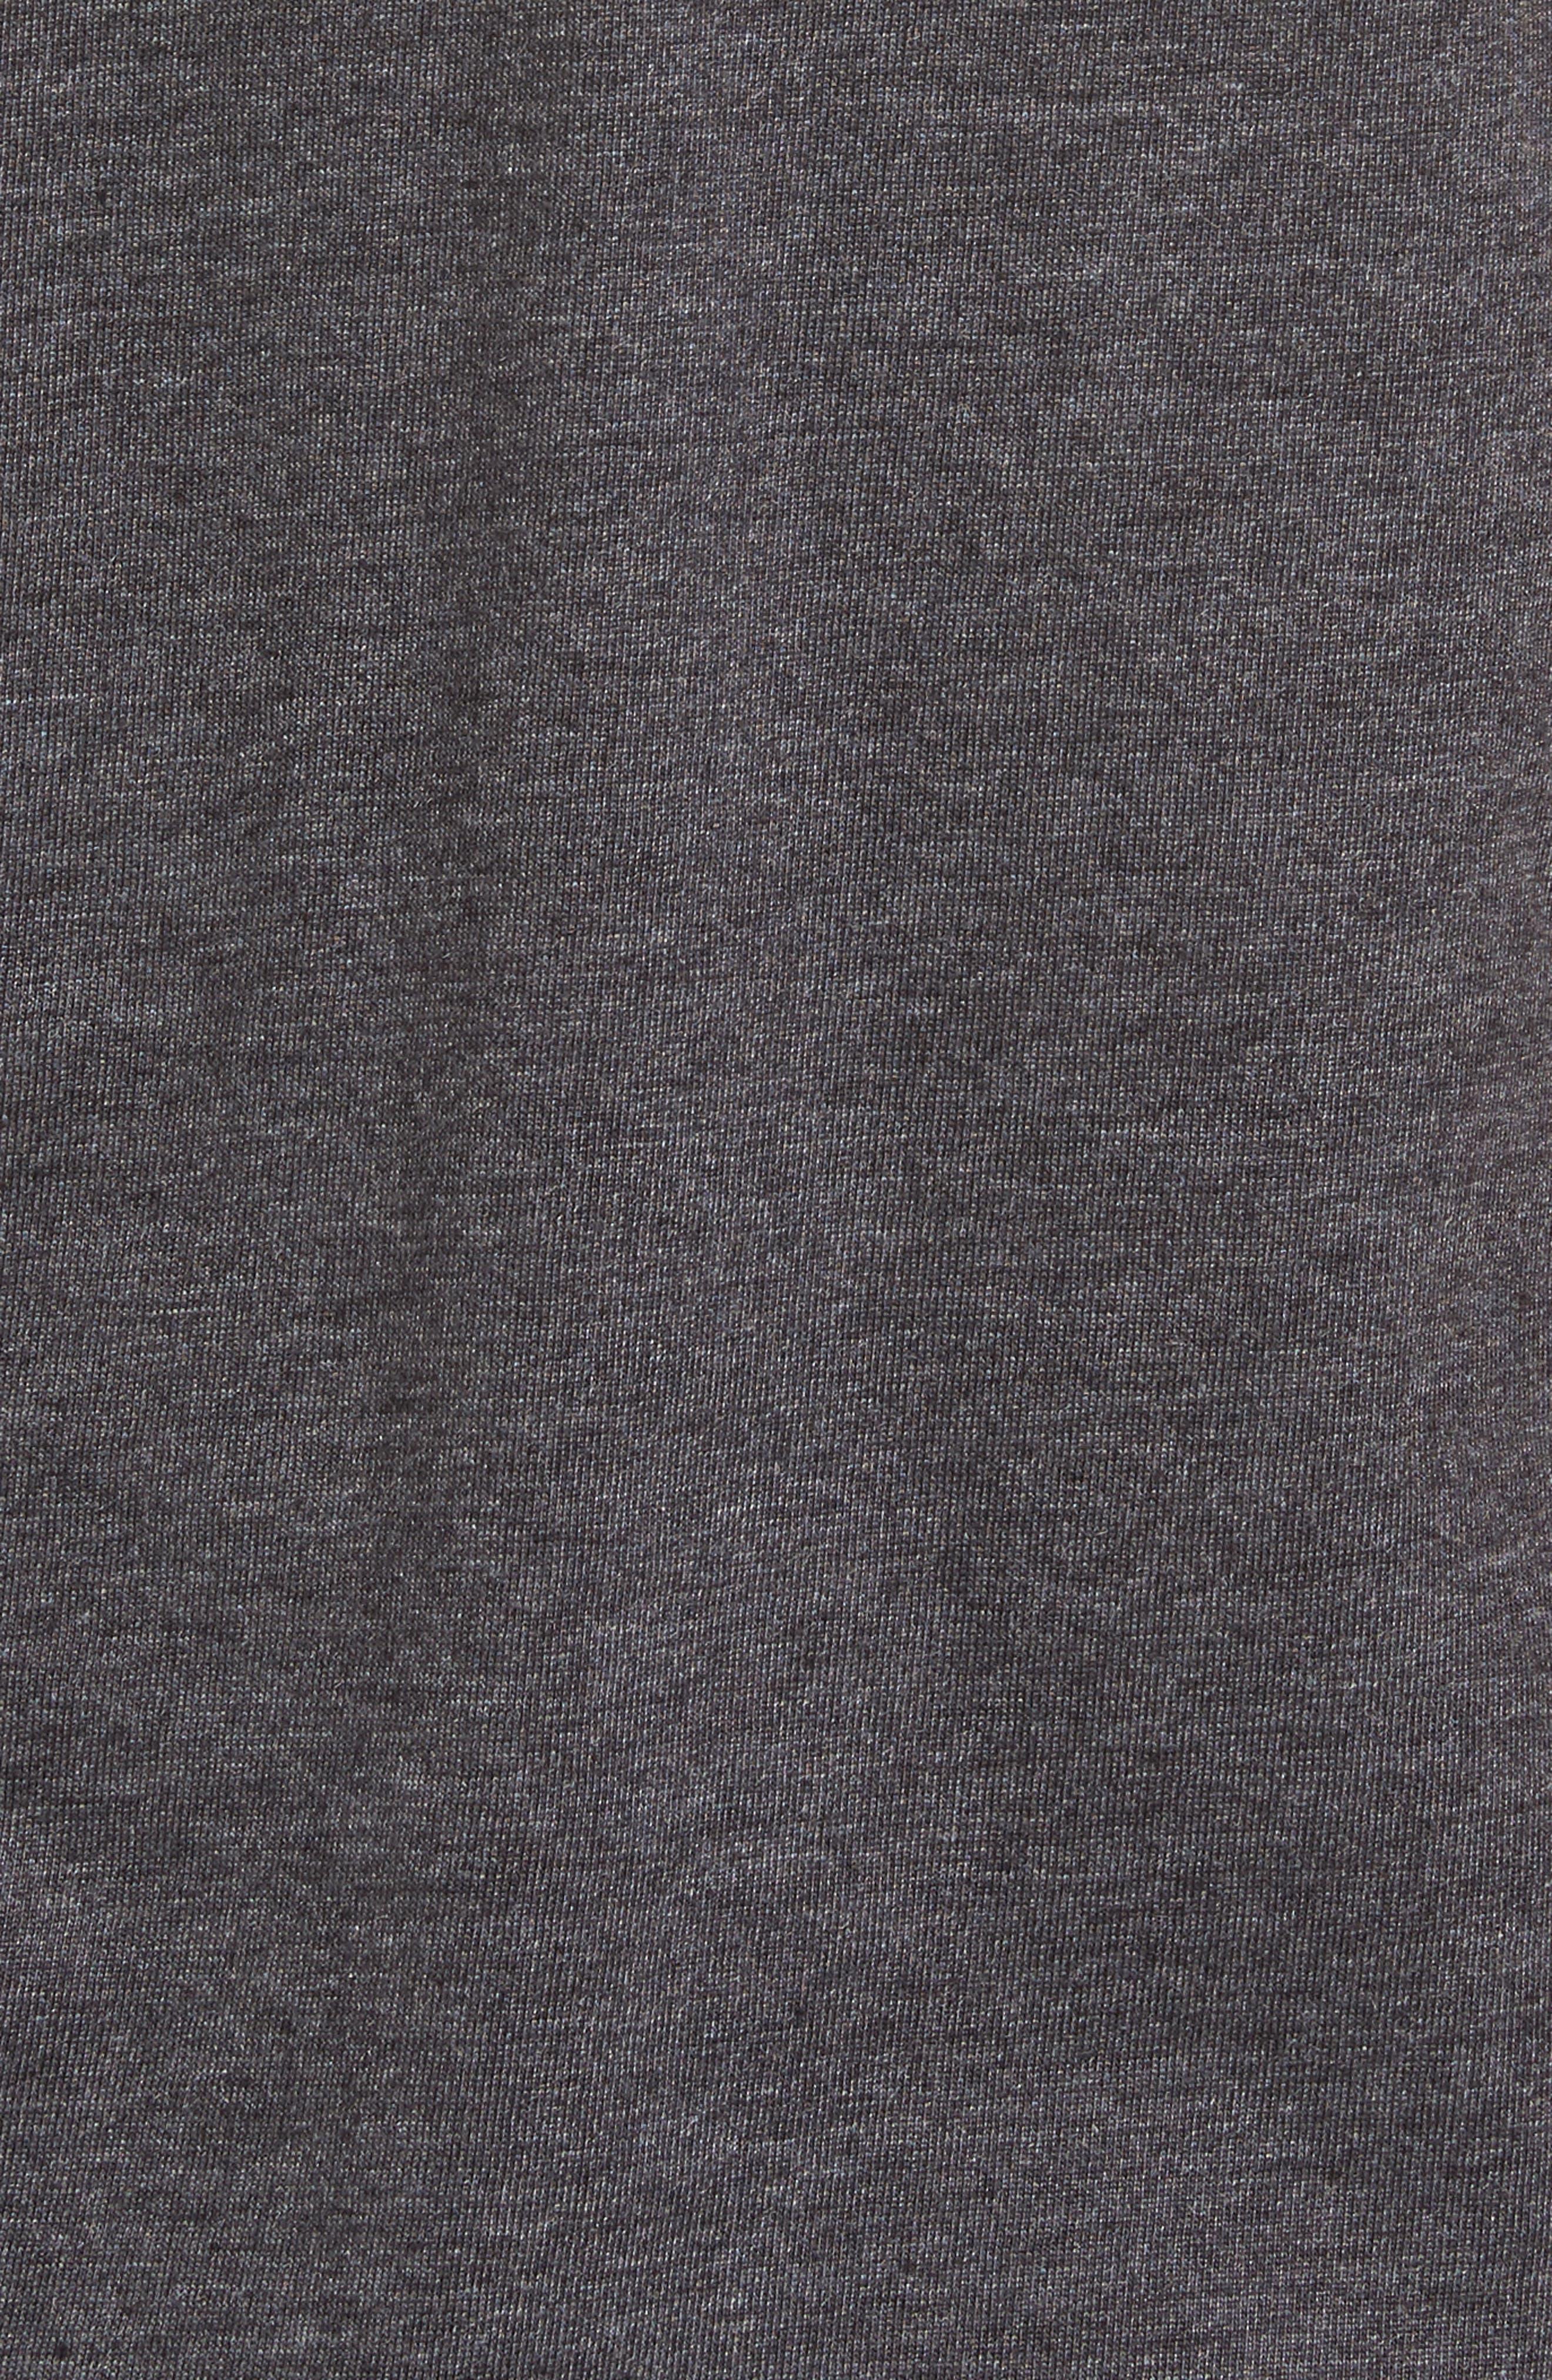 Las Olas T-Shirt,                             Alternate thumbnail 5, color,                             Black